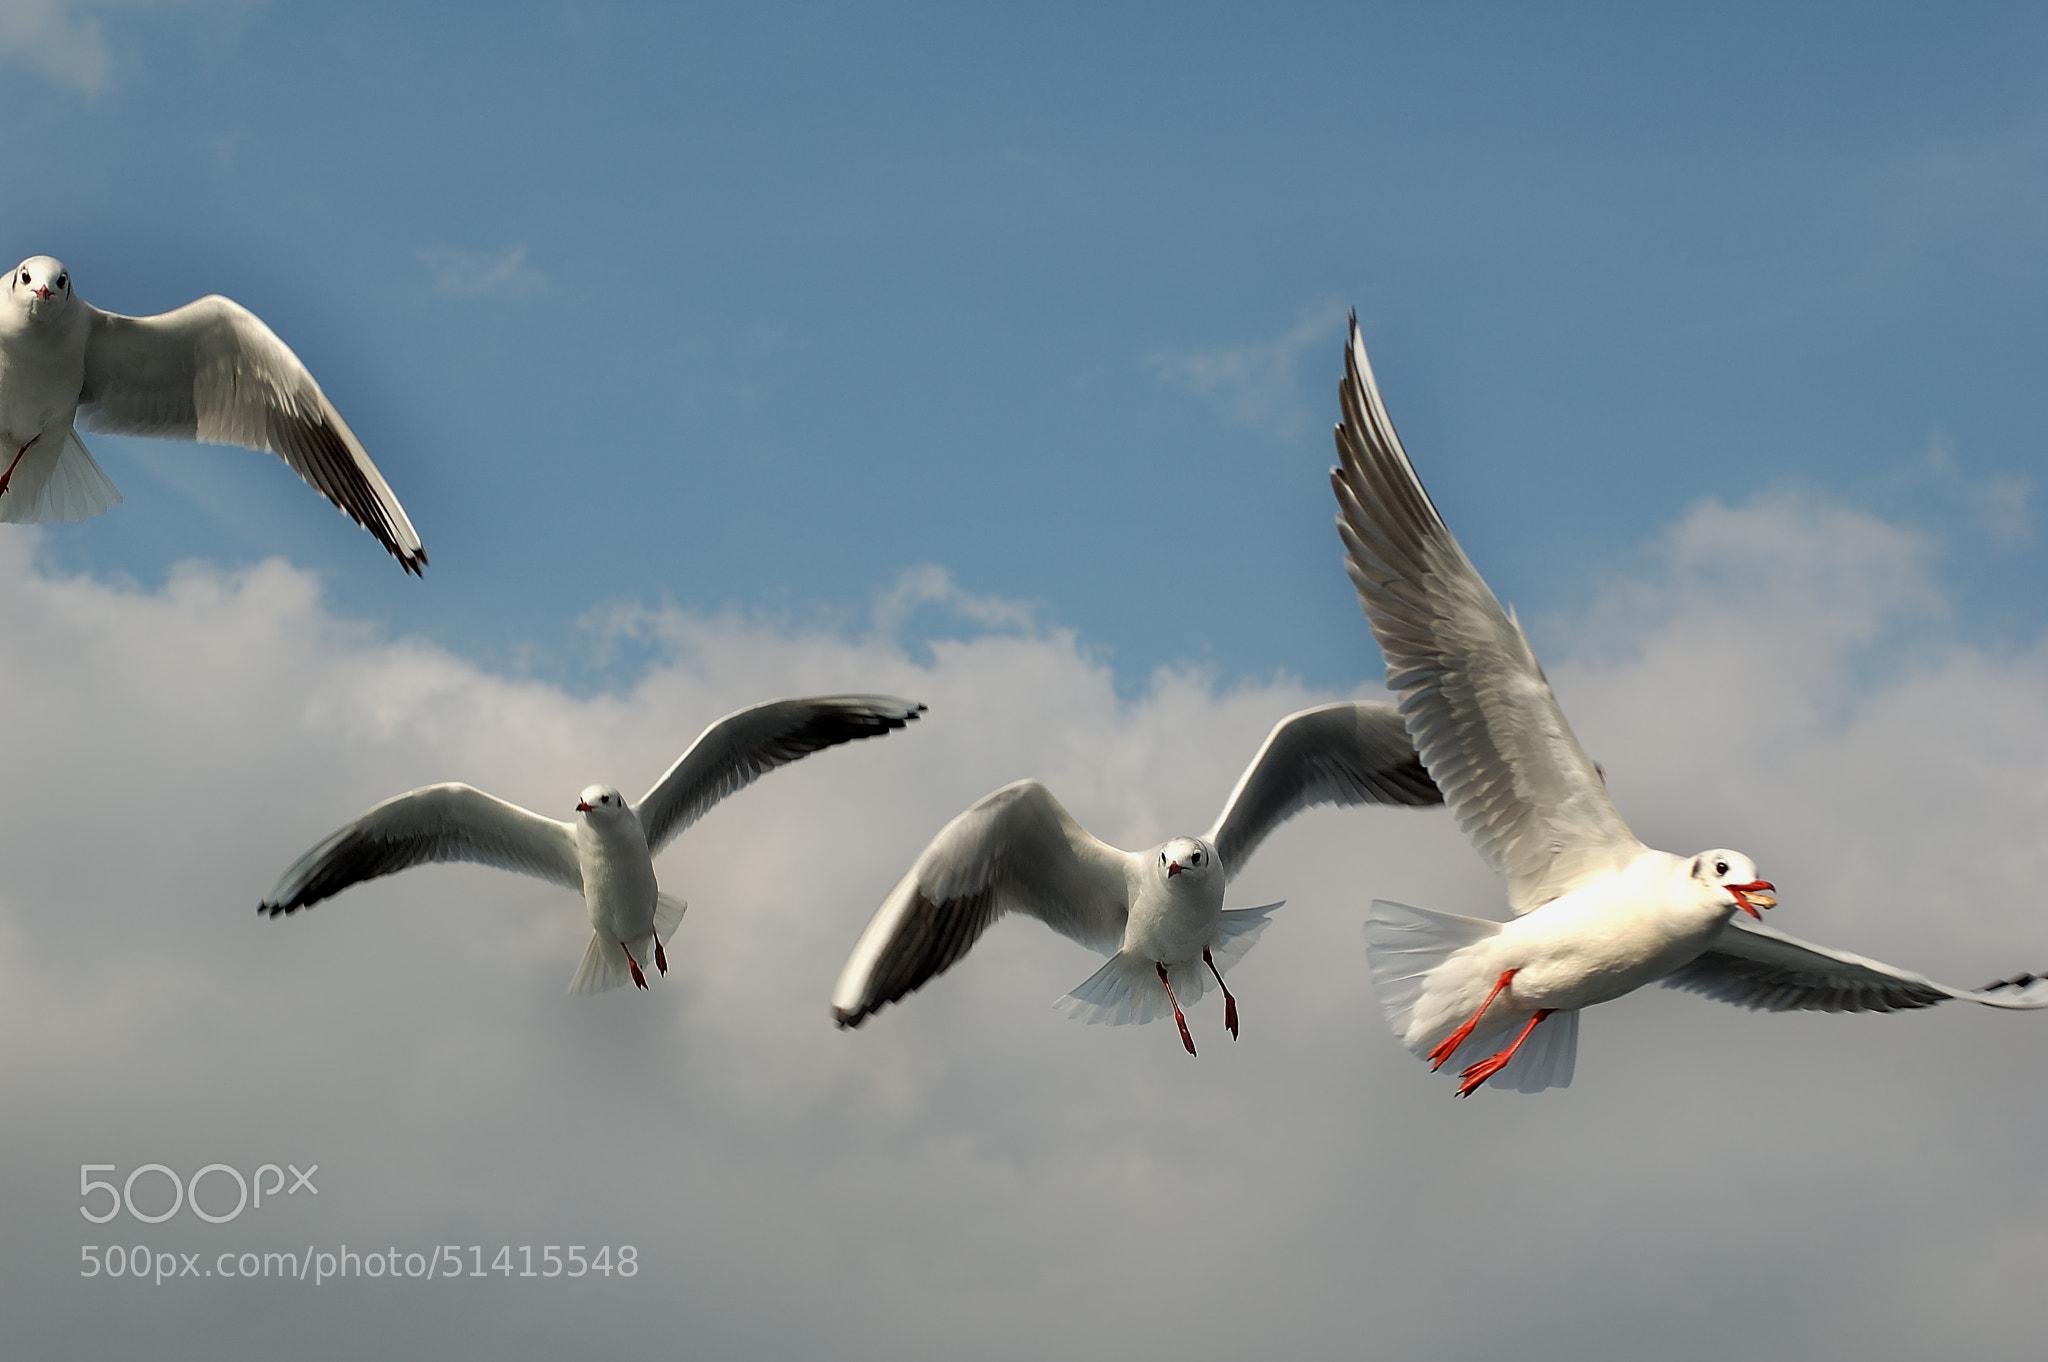 Photograph istanbuls seagulls by Atalay Karacaorenli on 500px